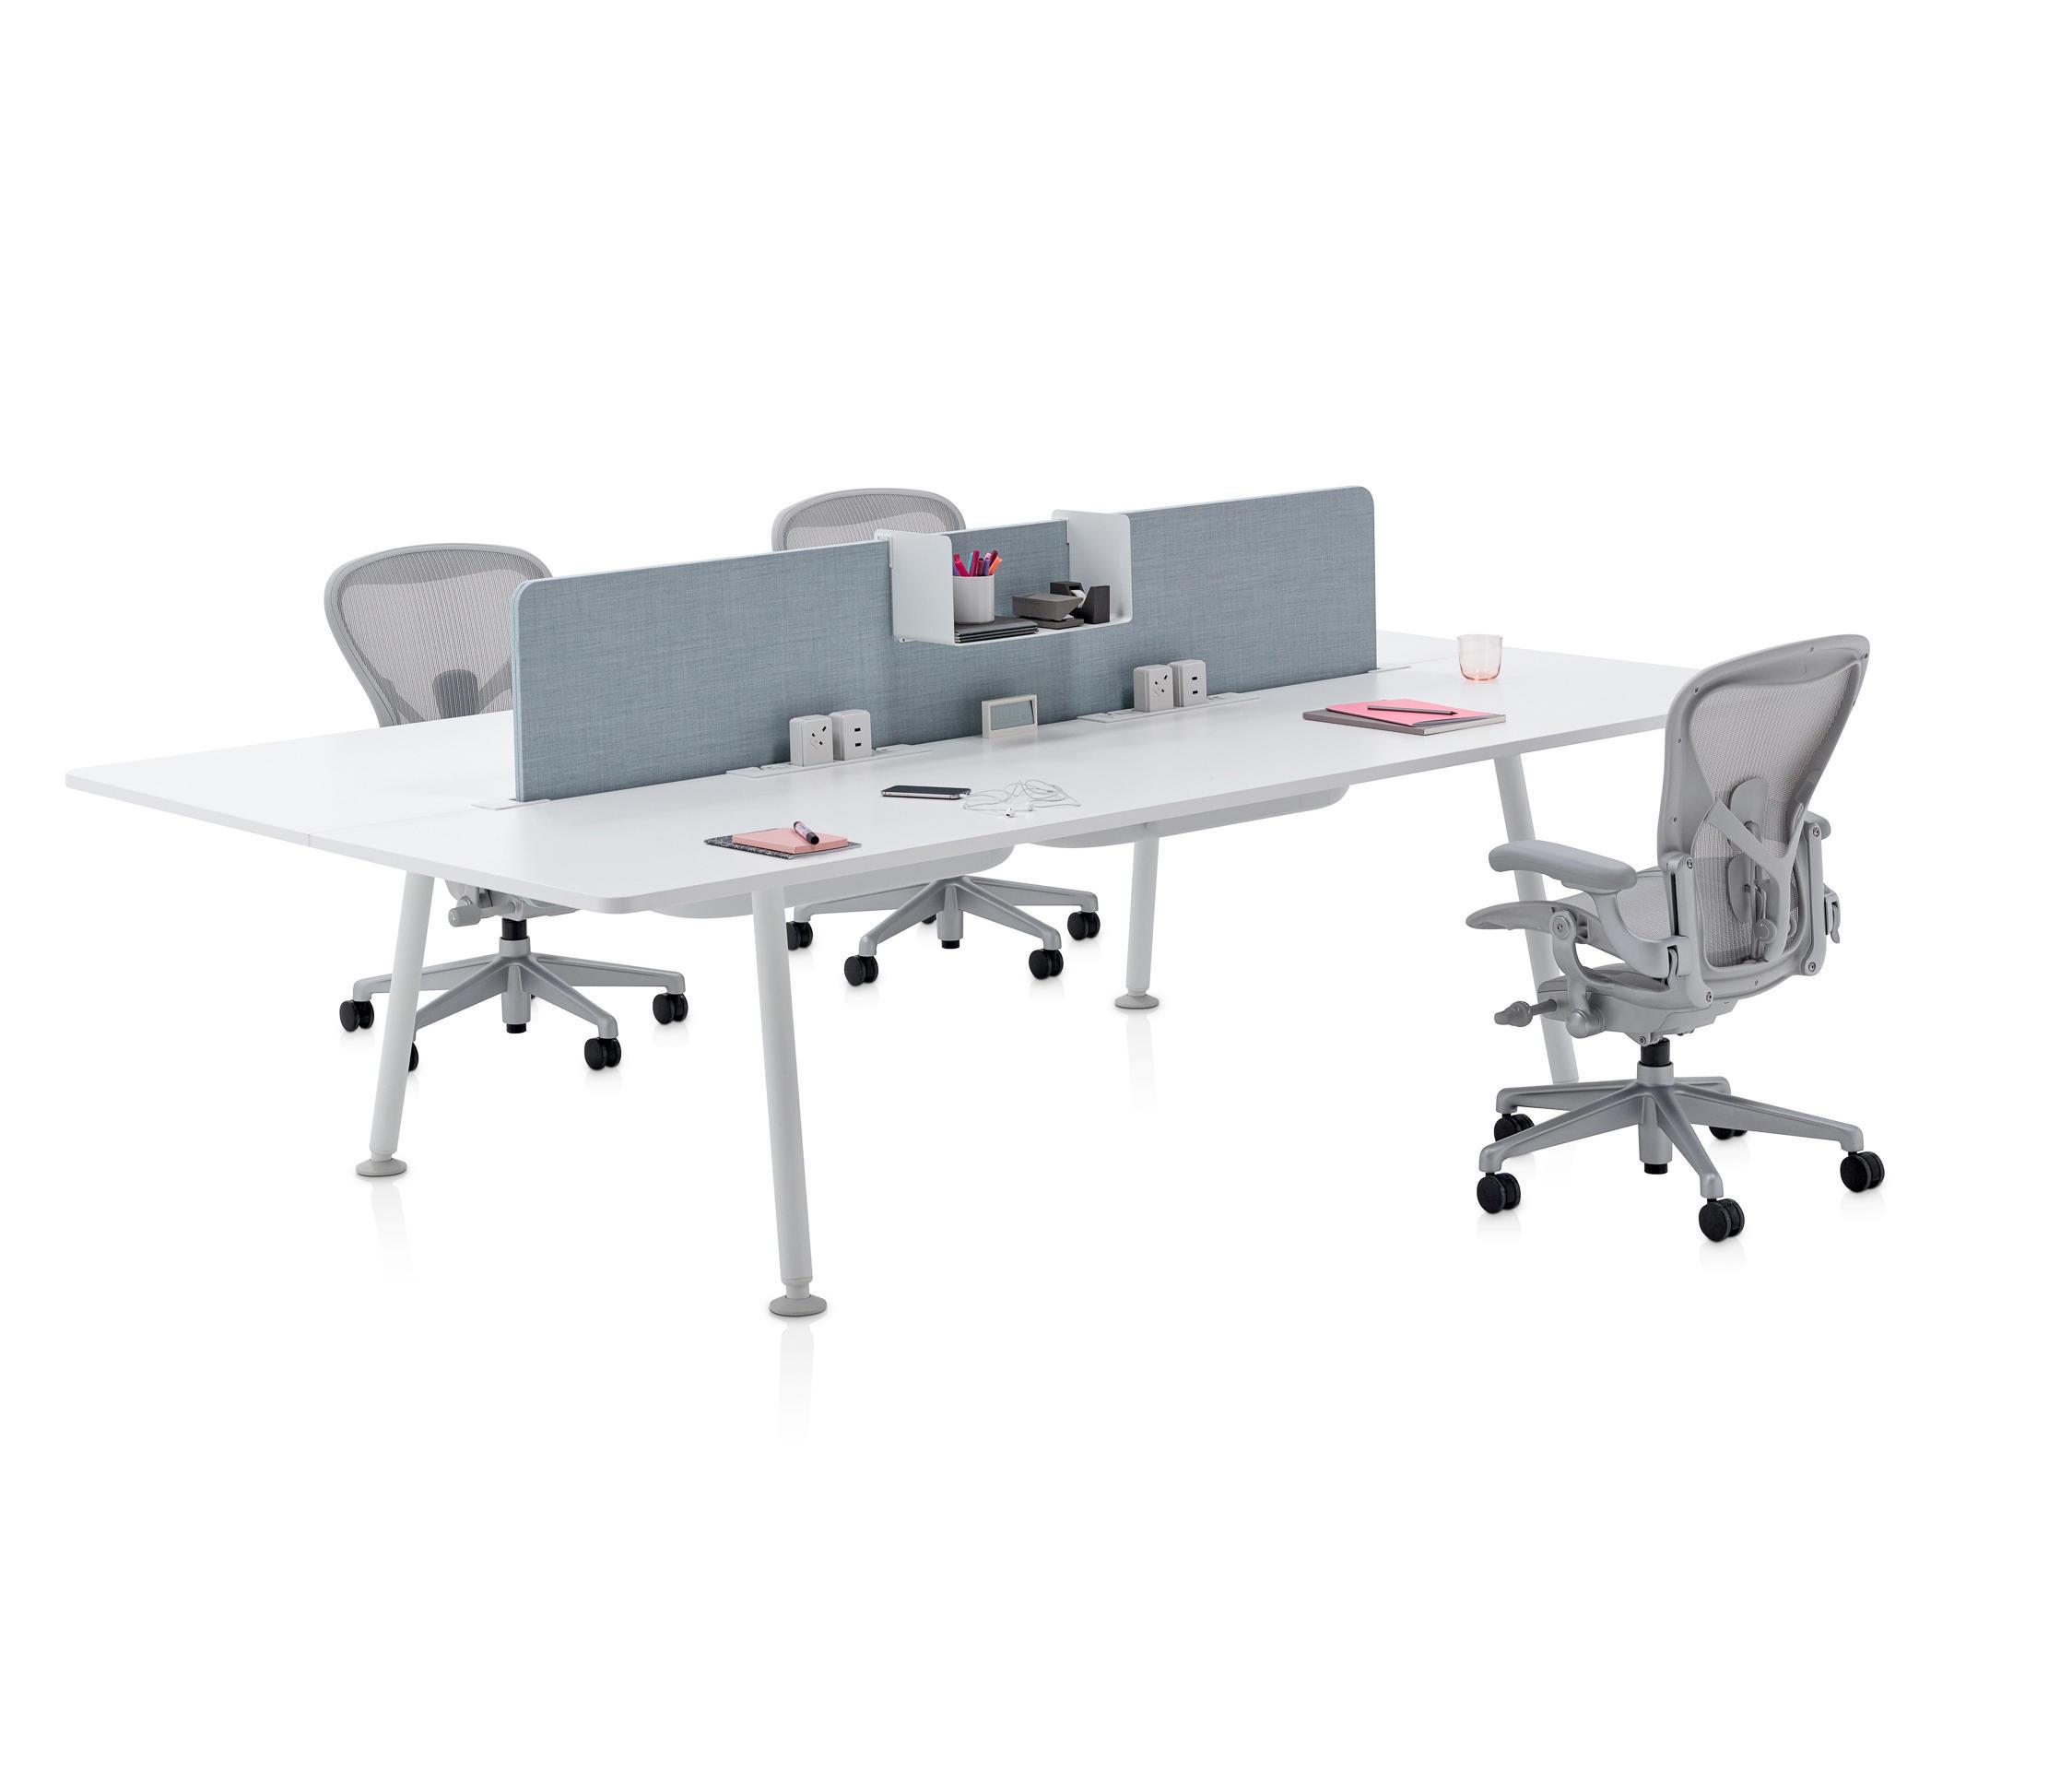 Perfekt Attraktiv Canvas Office Landscape | Tischsysteme | Herman Miller Herman  Miller Celle Chair Miller Chair Herman Miller Celle Herman Miller  Tischsysteme ...